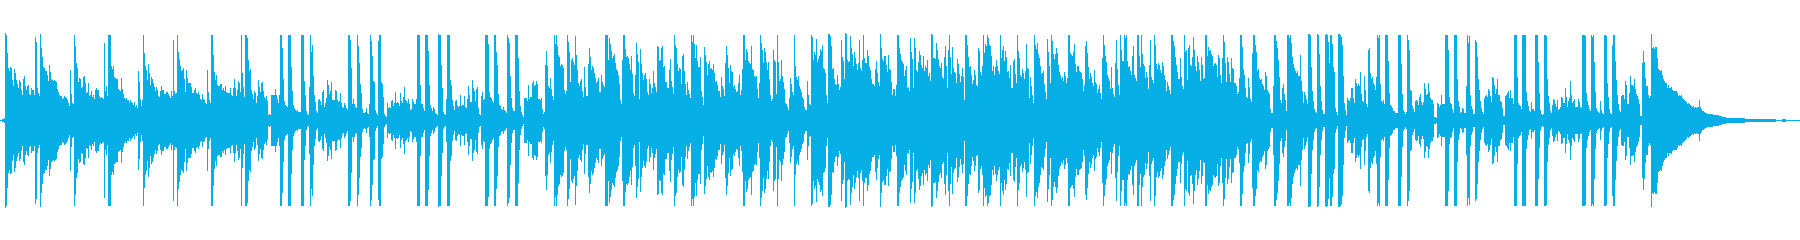 カフェで流れているようなボサノバの再生済みの波形